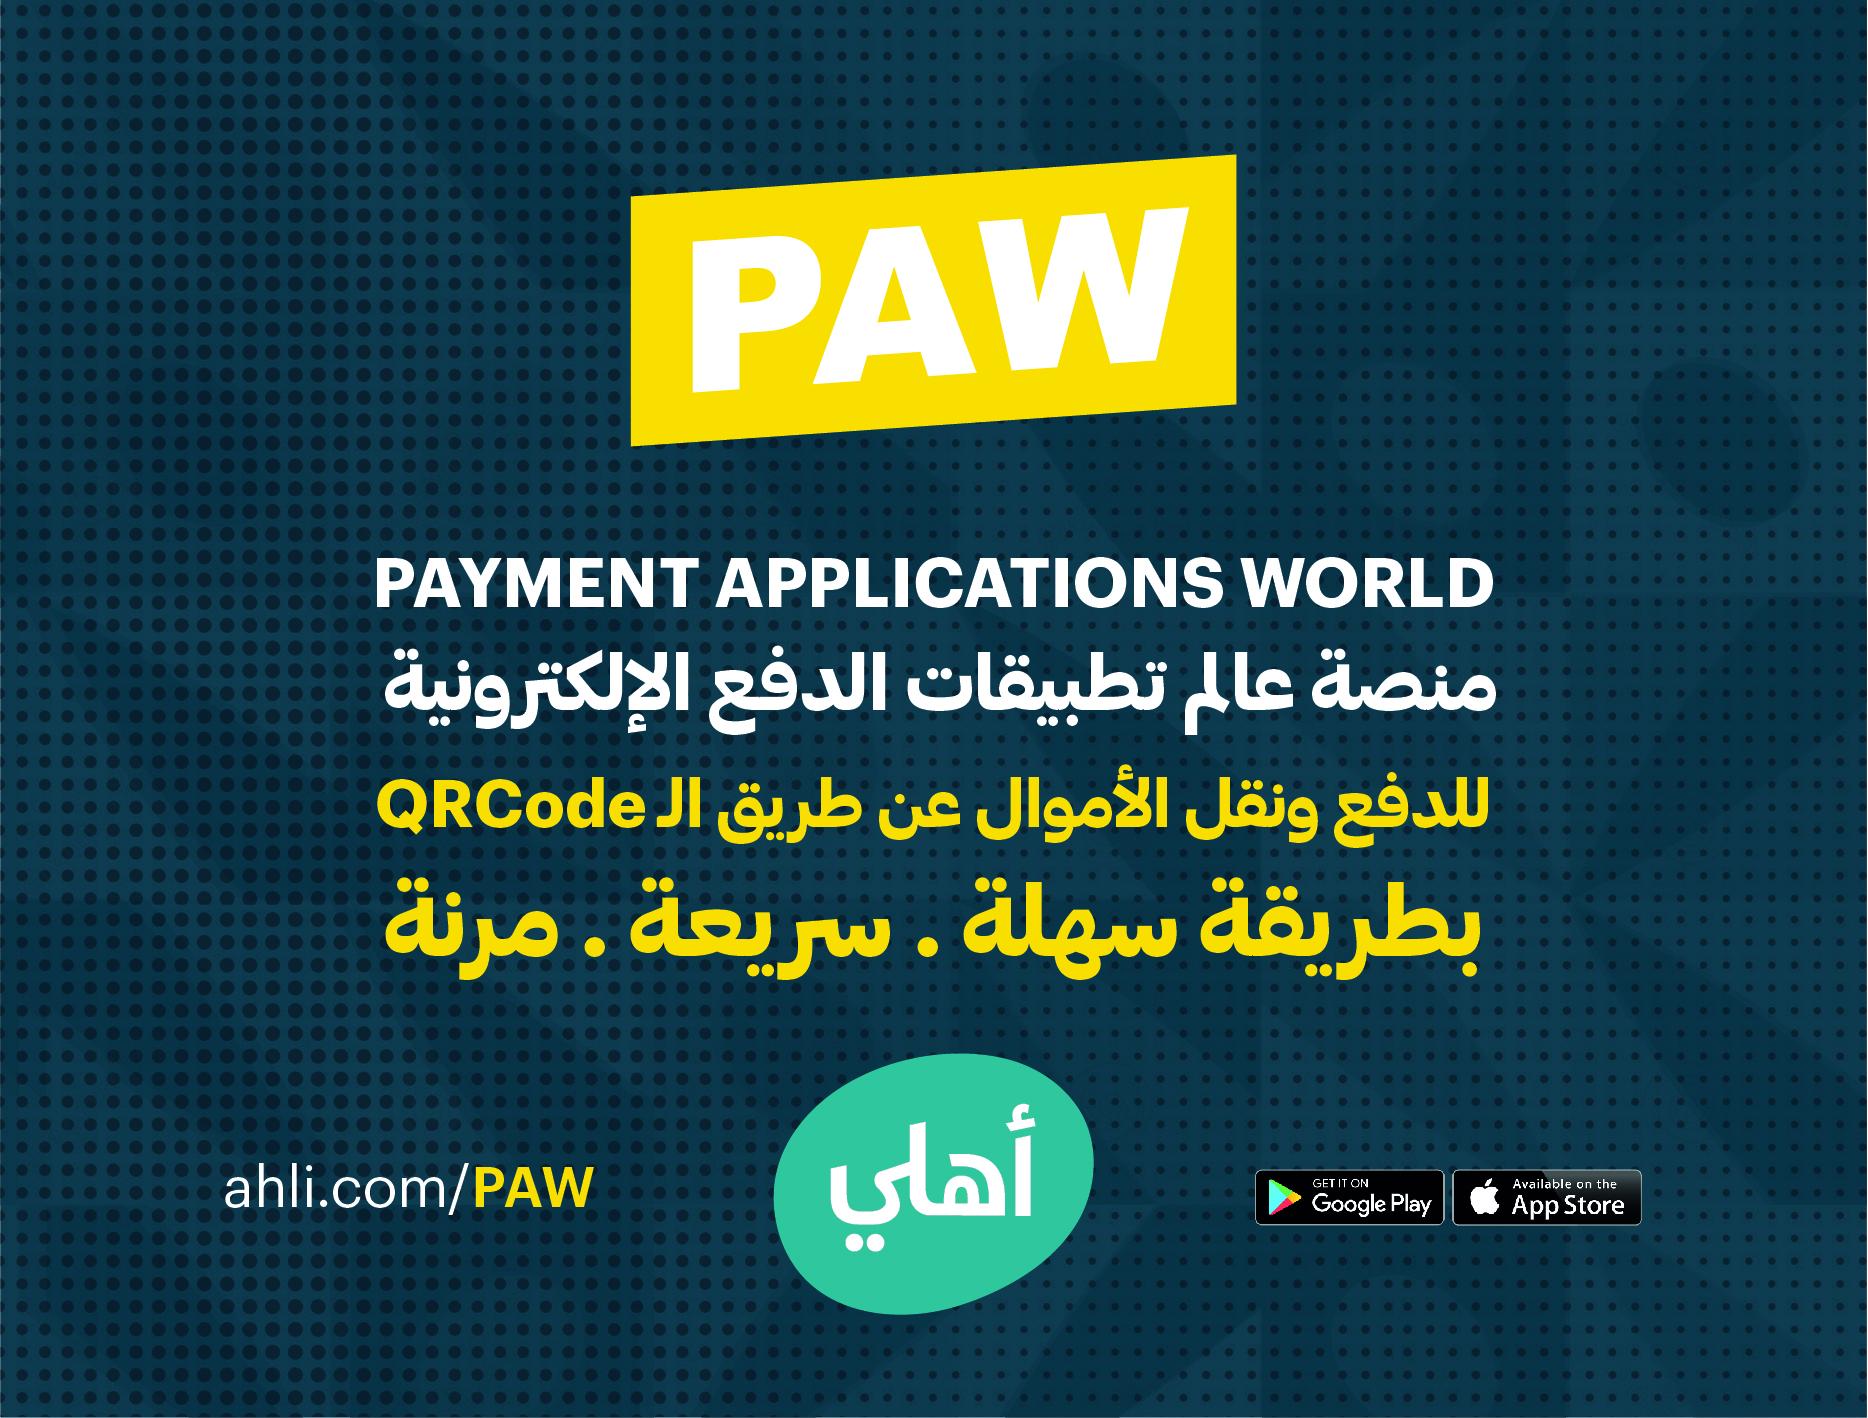 البنك الأهلي يطلق  PAWمنصة عالم تطبيقات الدفع الإلكترونية في الأردن